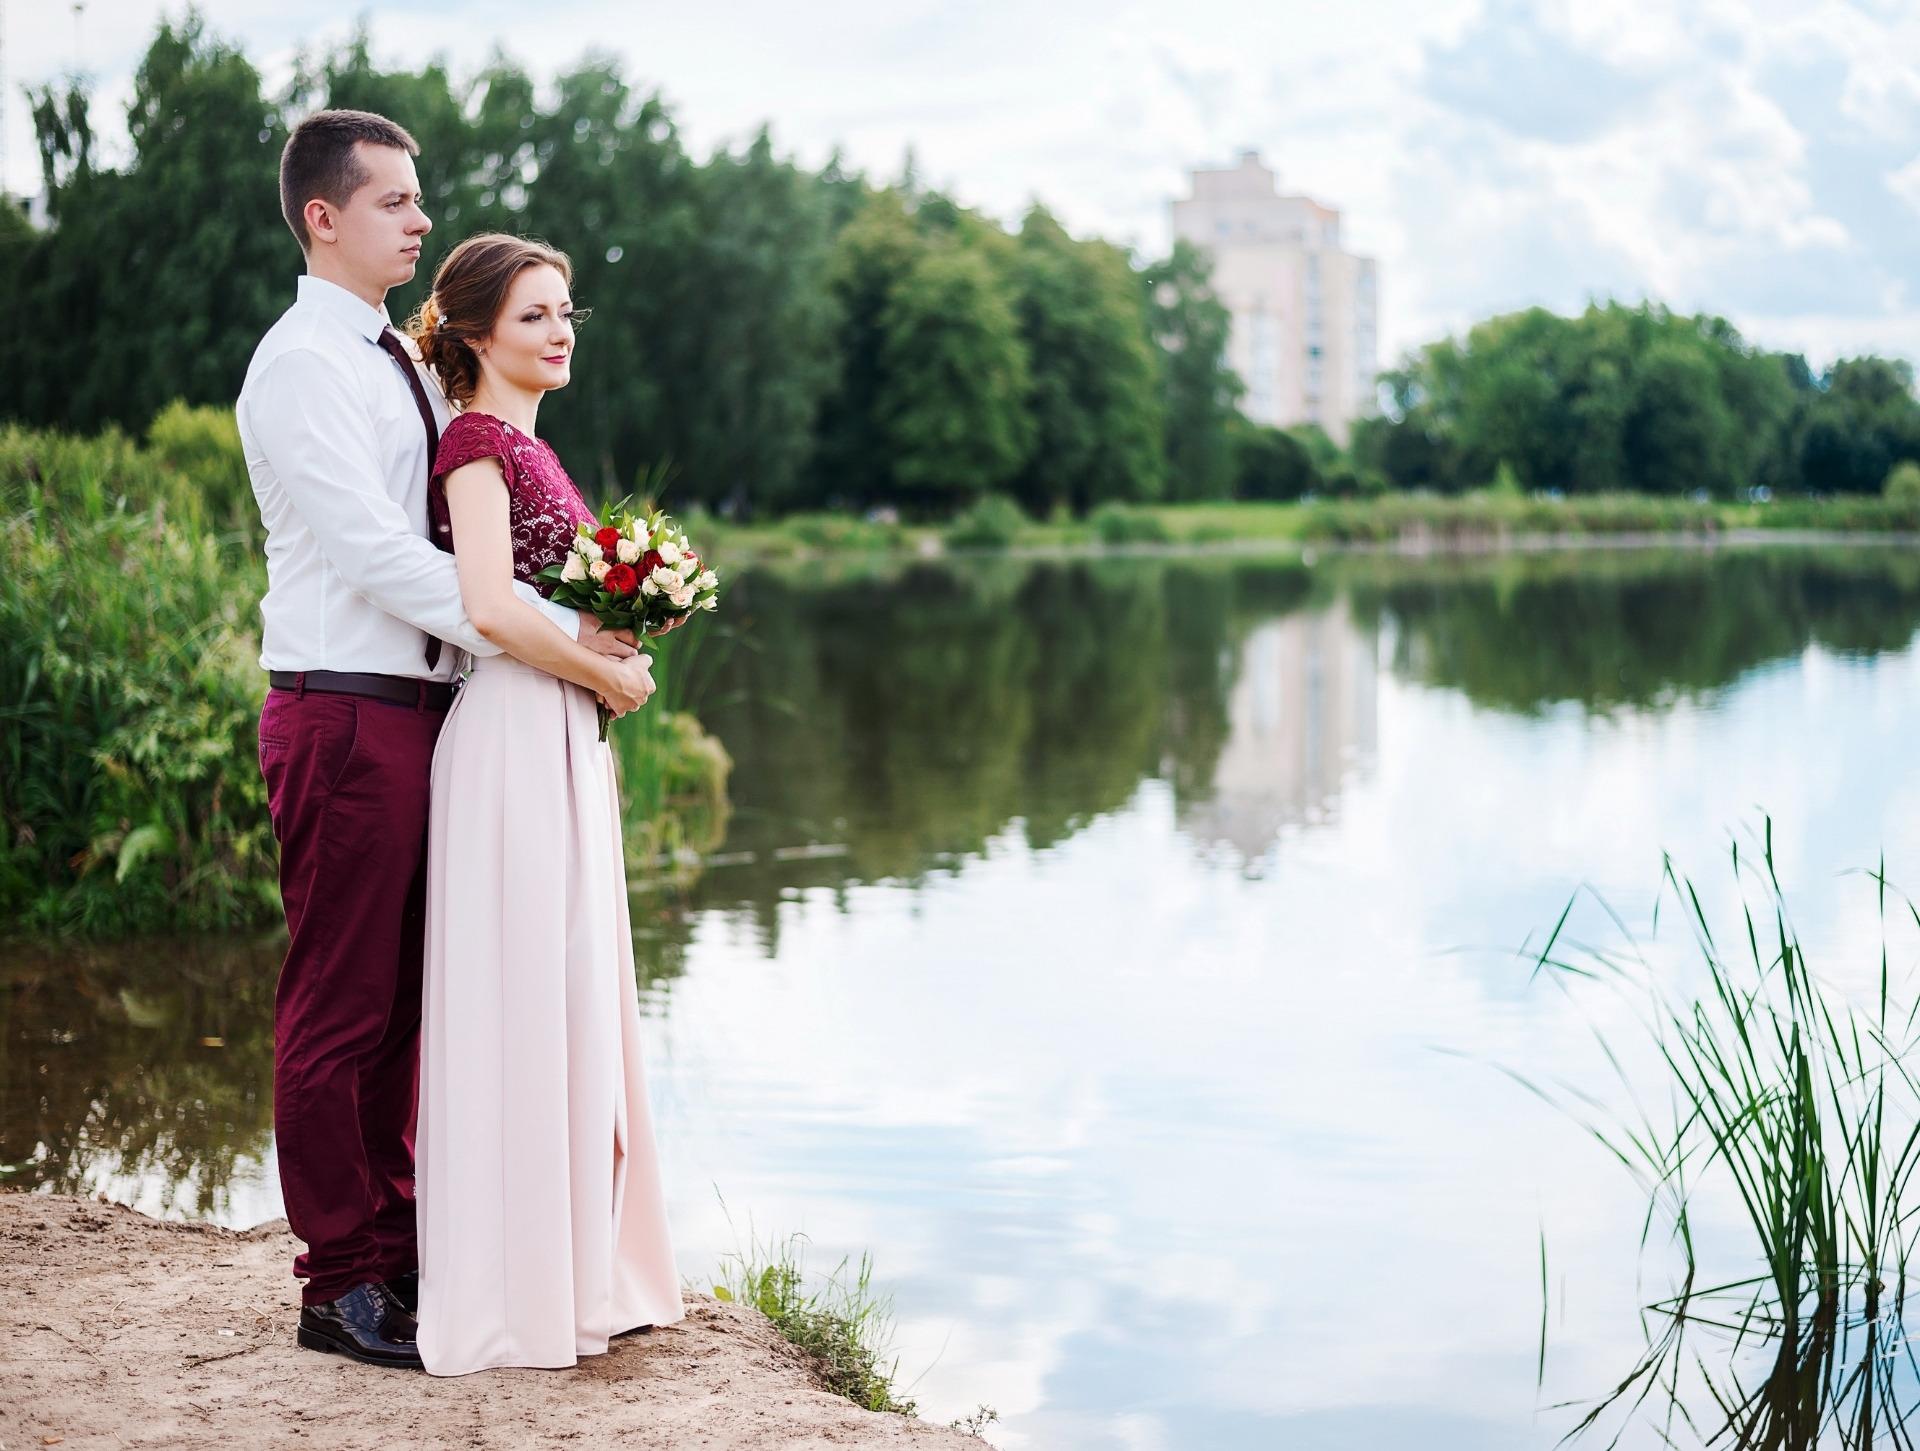 рисунка, лучшие свадебные фотографы в костроме нередко кроются